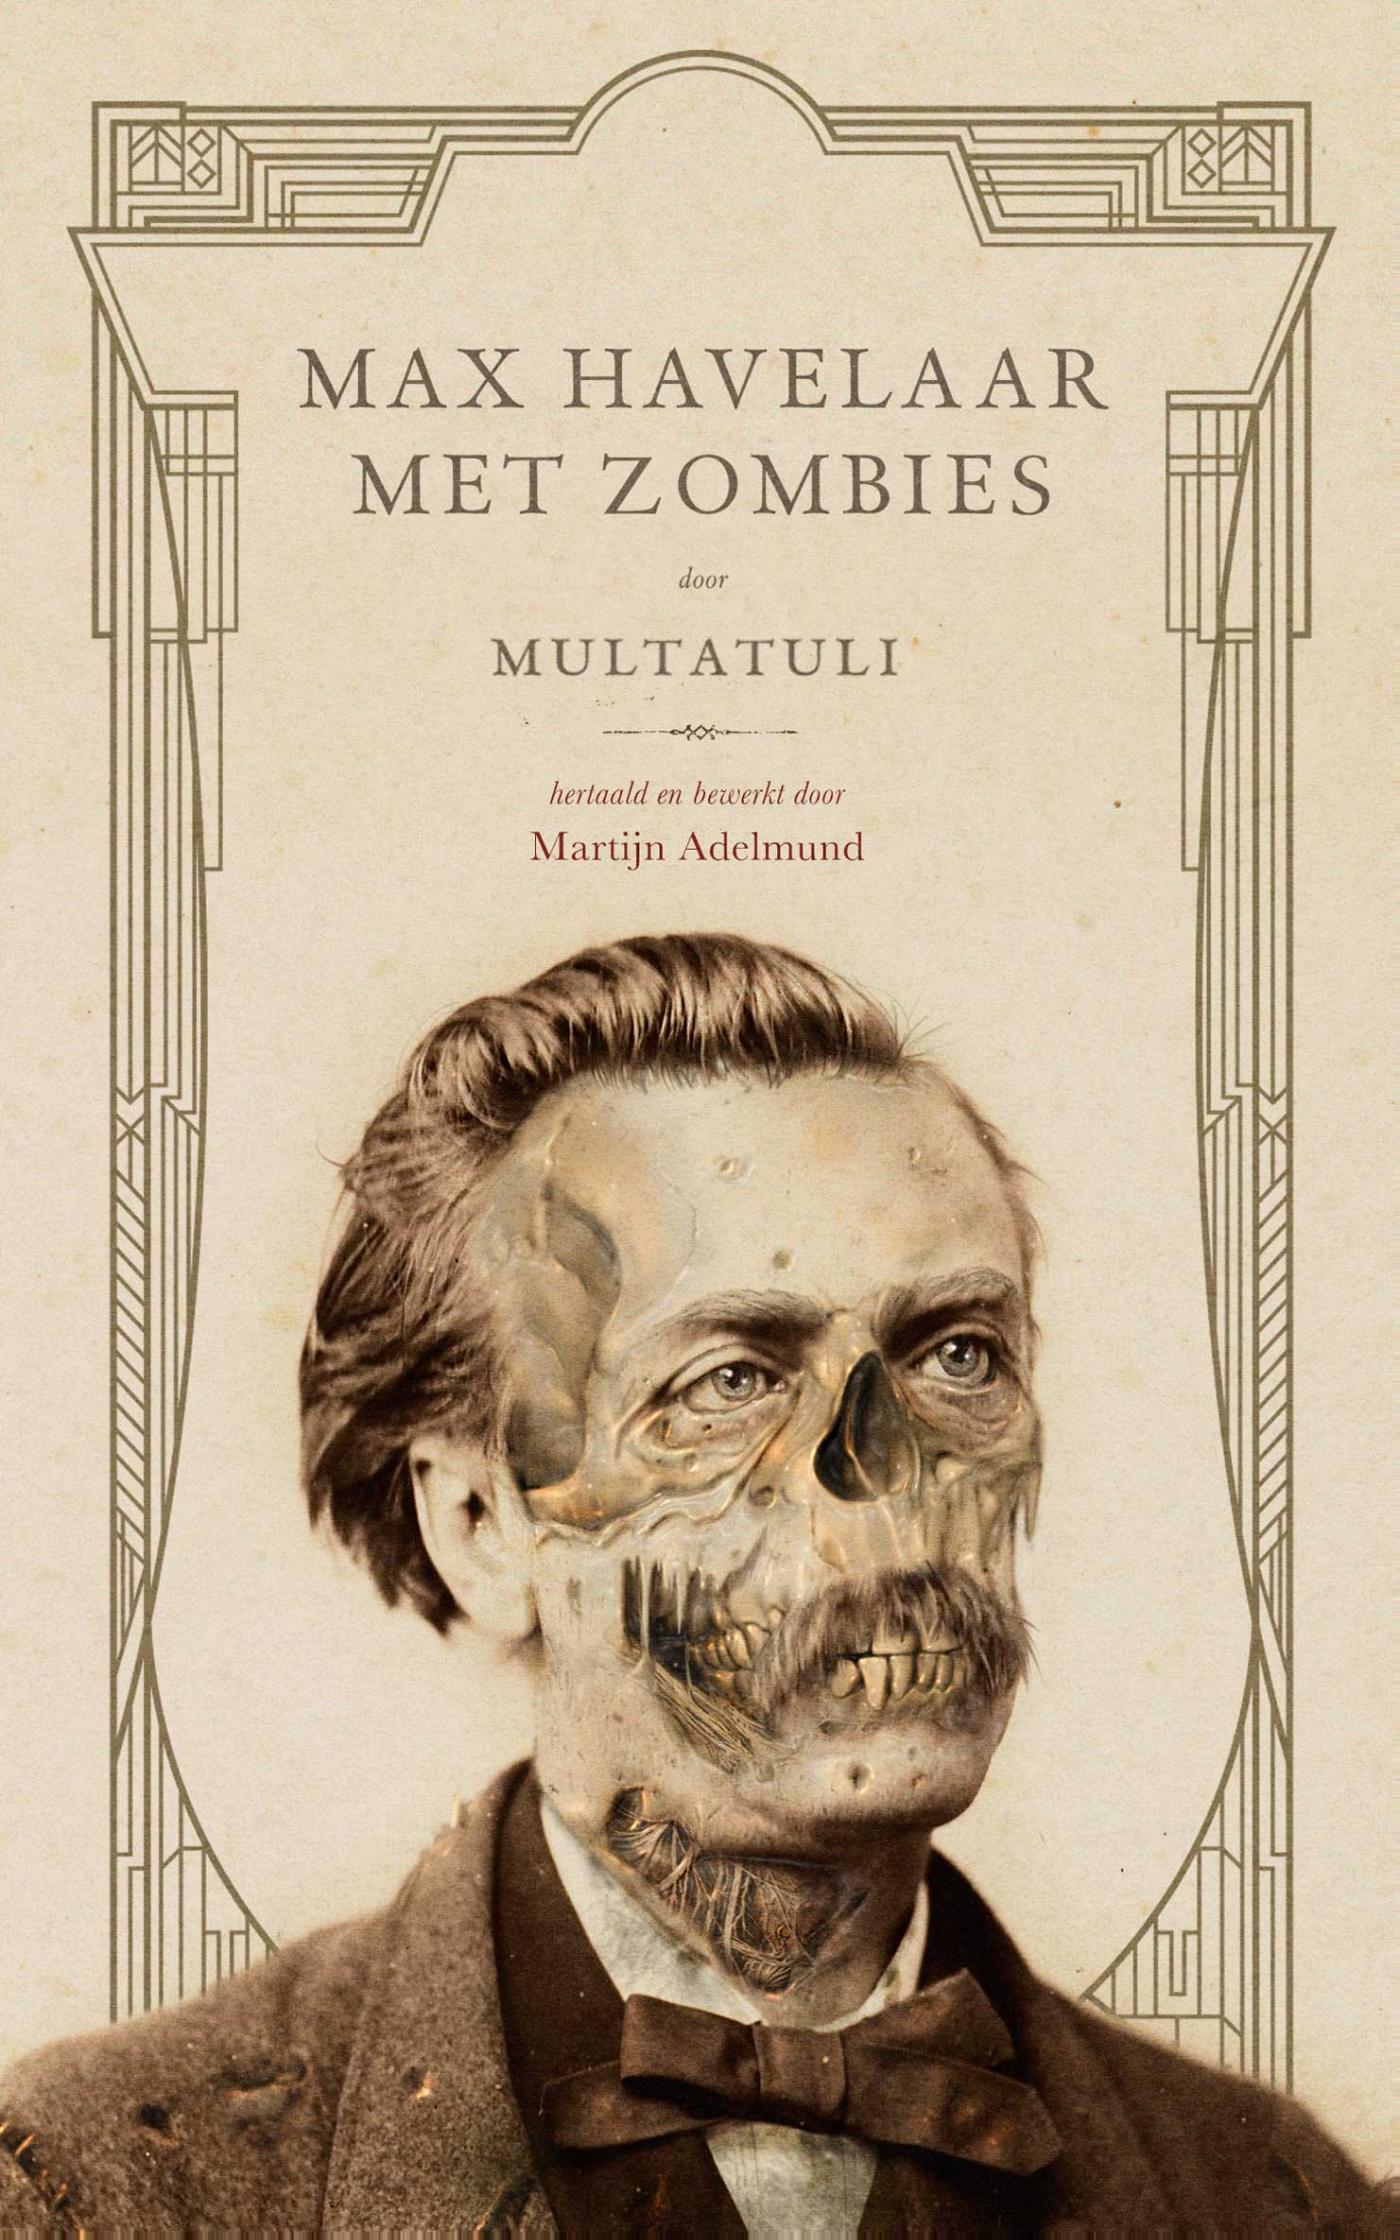 Citaten Uit Max Havelaar : Boek max havelaar met zombies geschreven door multatuli